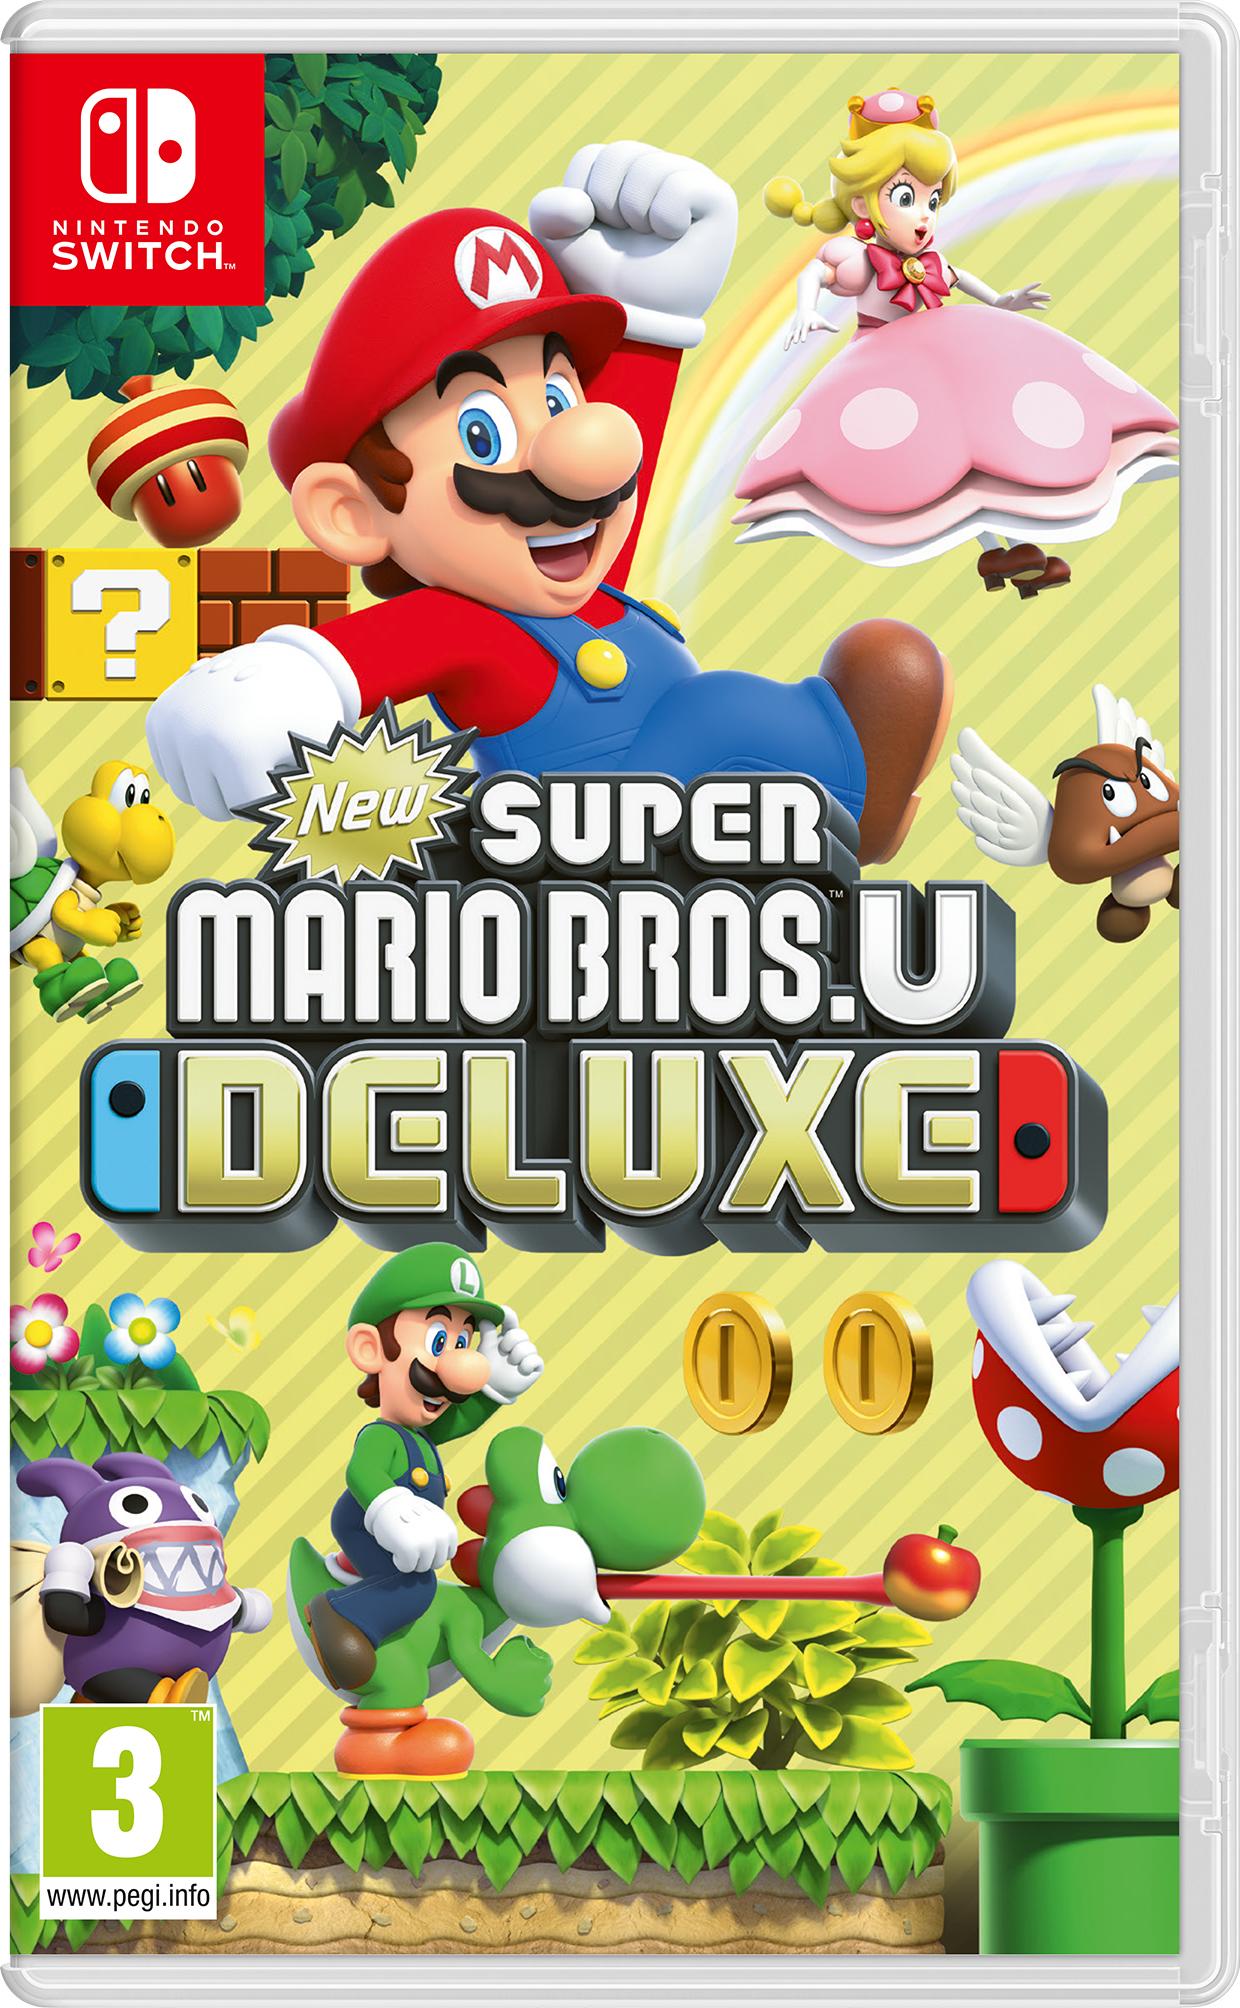 Nintendo New Super Mario Bros. U Deluxe Nintendo Switch New Super Mario Bros U Deluxe - 2525649